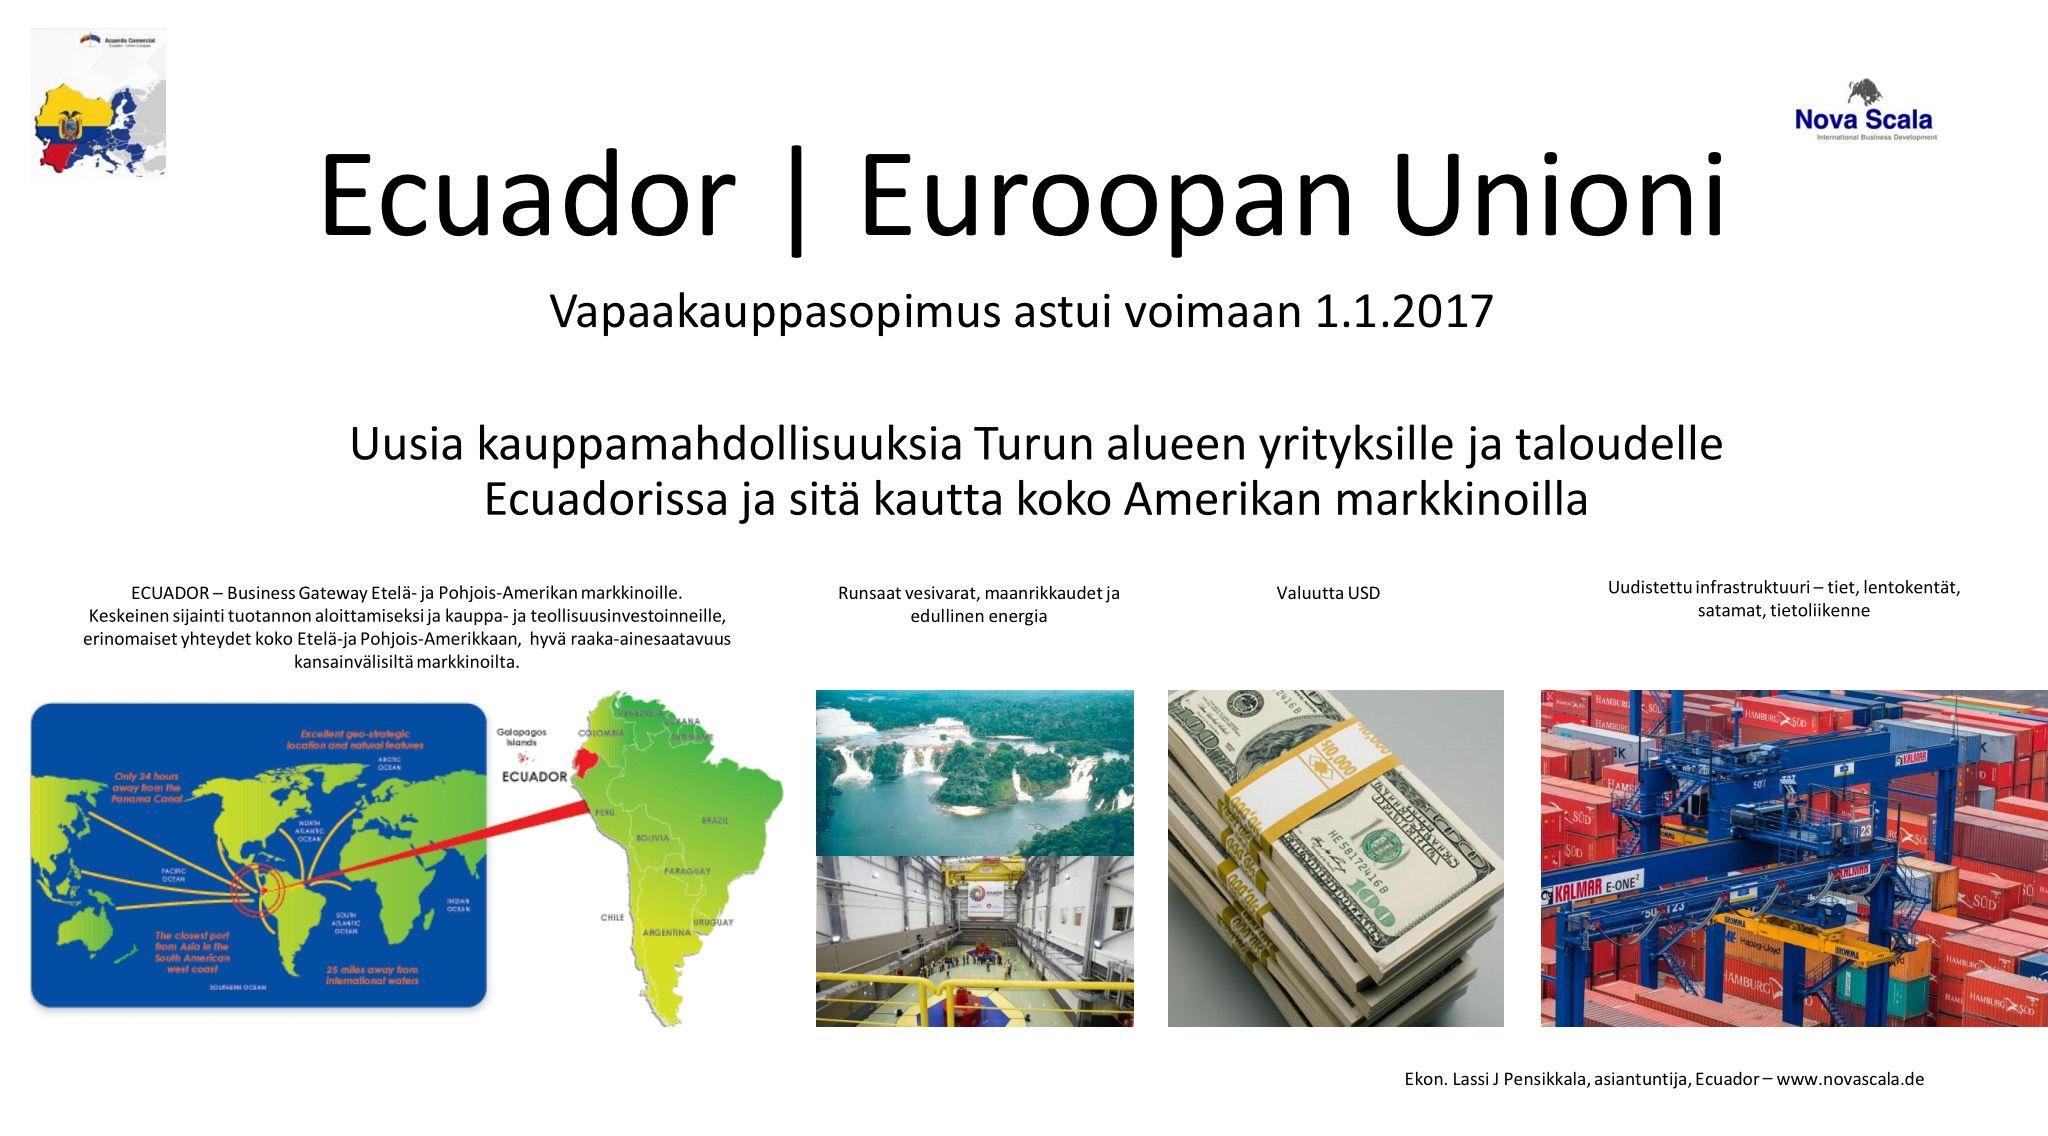 Uusia kauppamahdollisuuksia Turun alueen yrityksille ja taloudelle Ecuadorissa ja sitä kautta koko Amerikan markkinoilla.